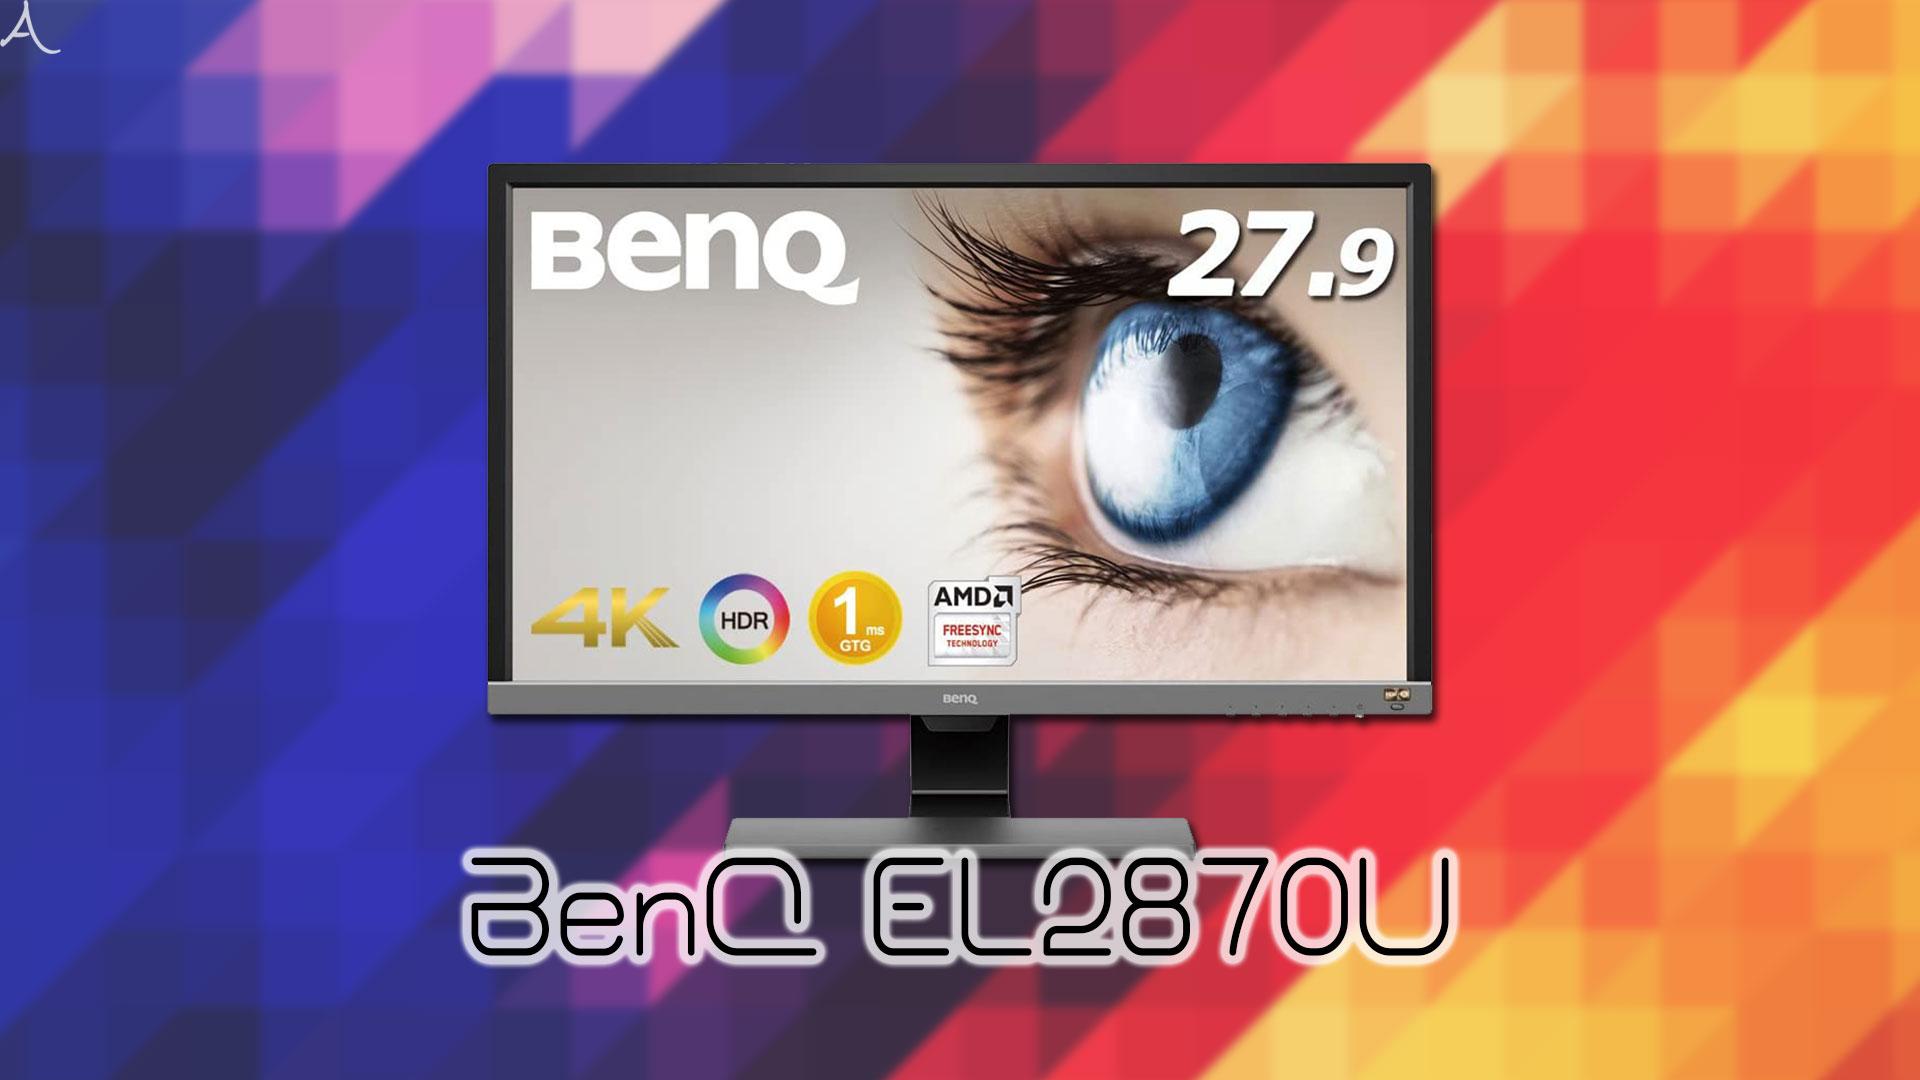 「BenQ EL2870U」ってモニターアーム使えるの?VESAサイズやおすすめアームはどれ?